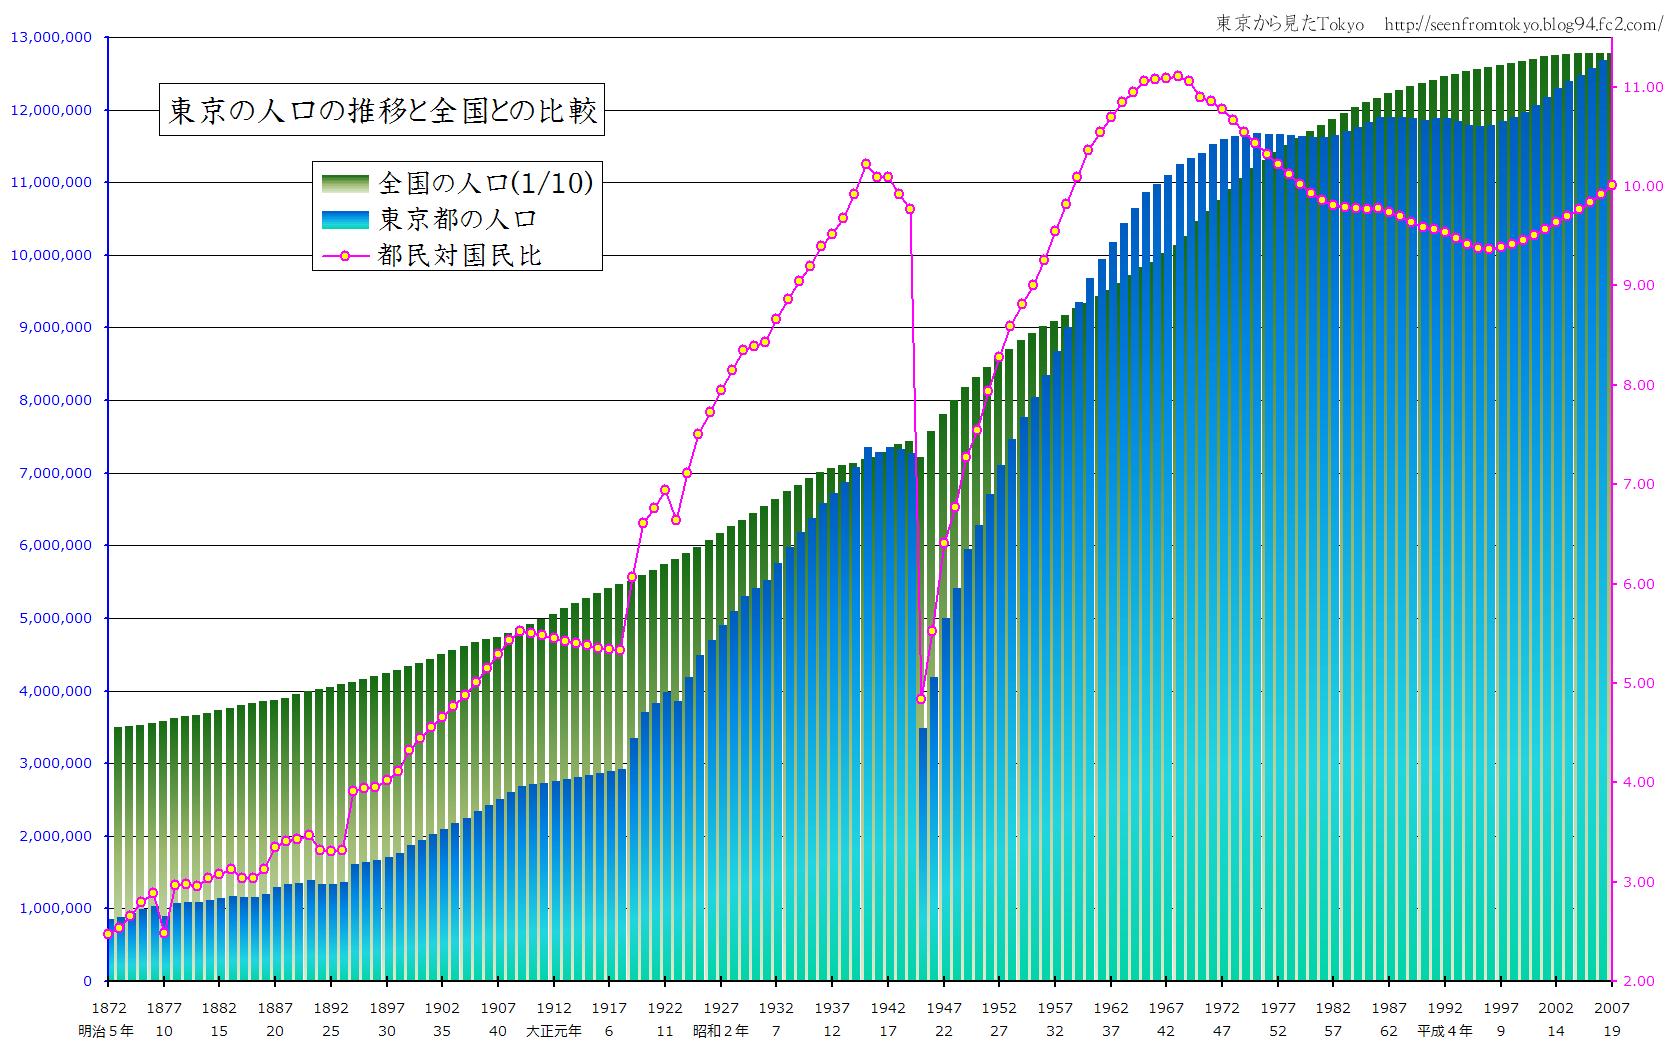 明治5年からの東京と日本の人口